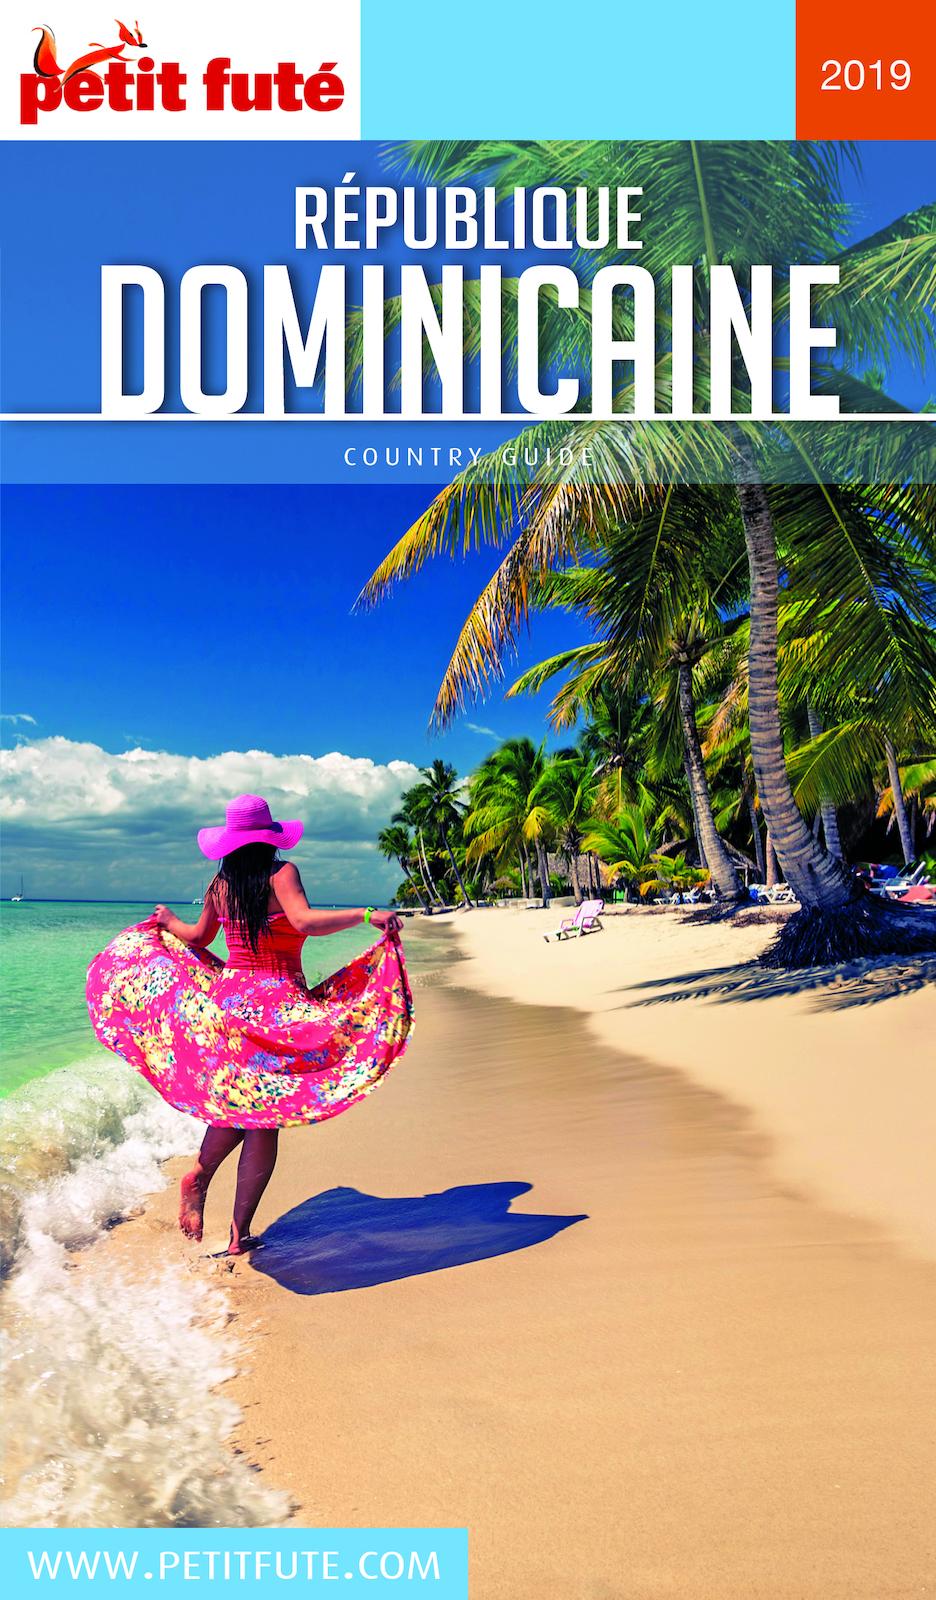 RÉPUBLIQUE DOMINICAINE 2019 Petit Futé